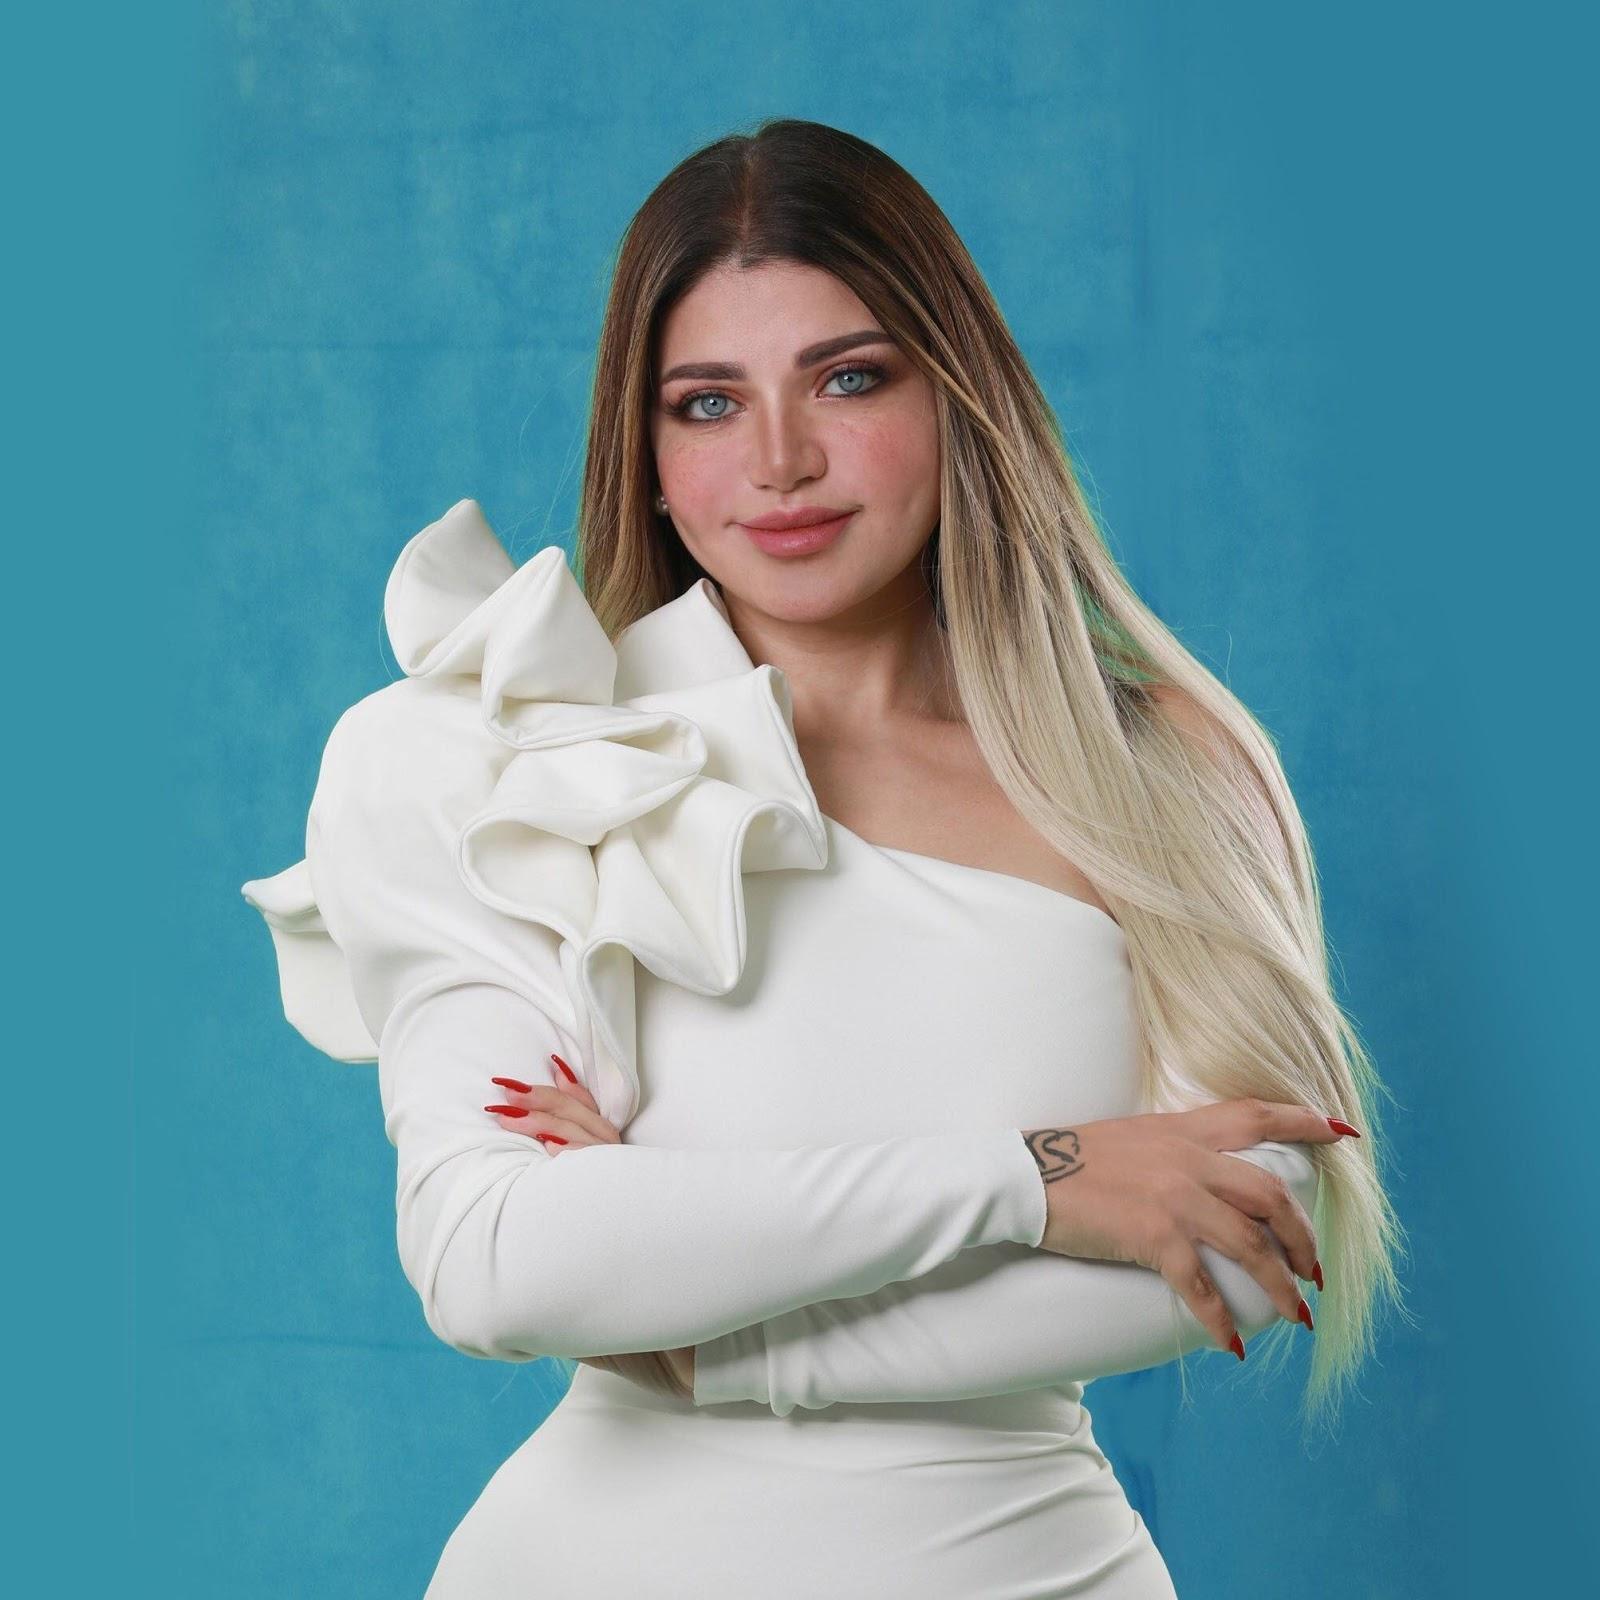 """ياسمين الخطيب توضح عدم مشاركتها في معرض """"في حب مصر"""" رغم وجود اسمها"""